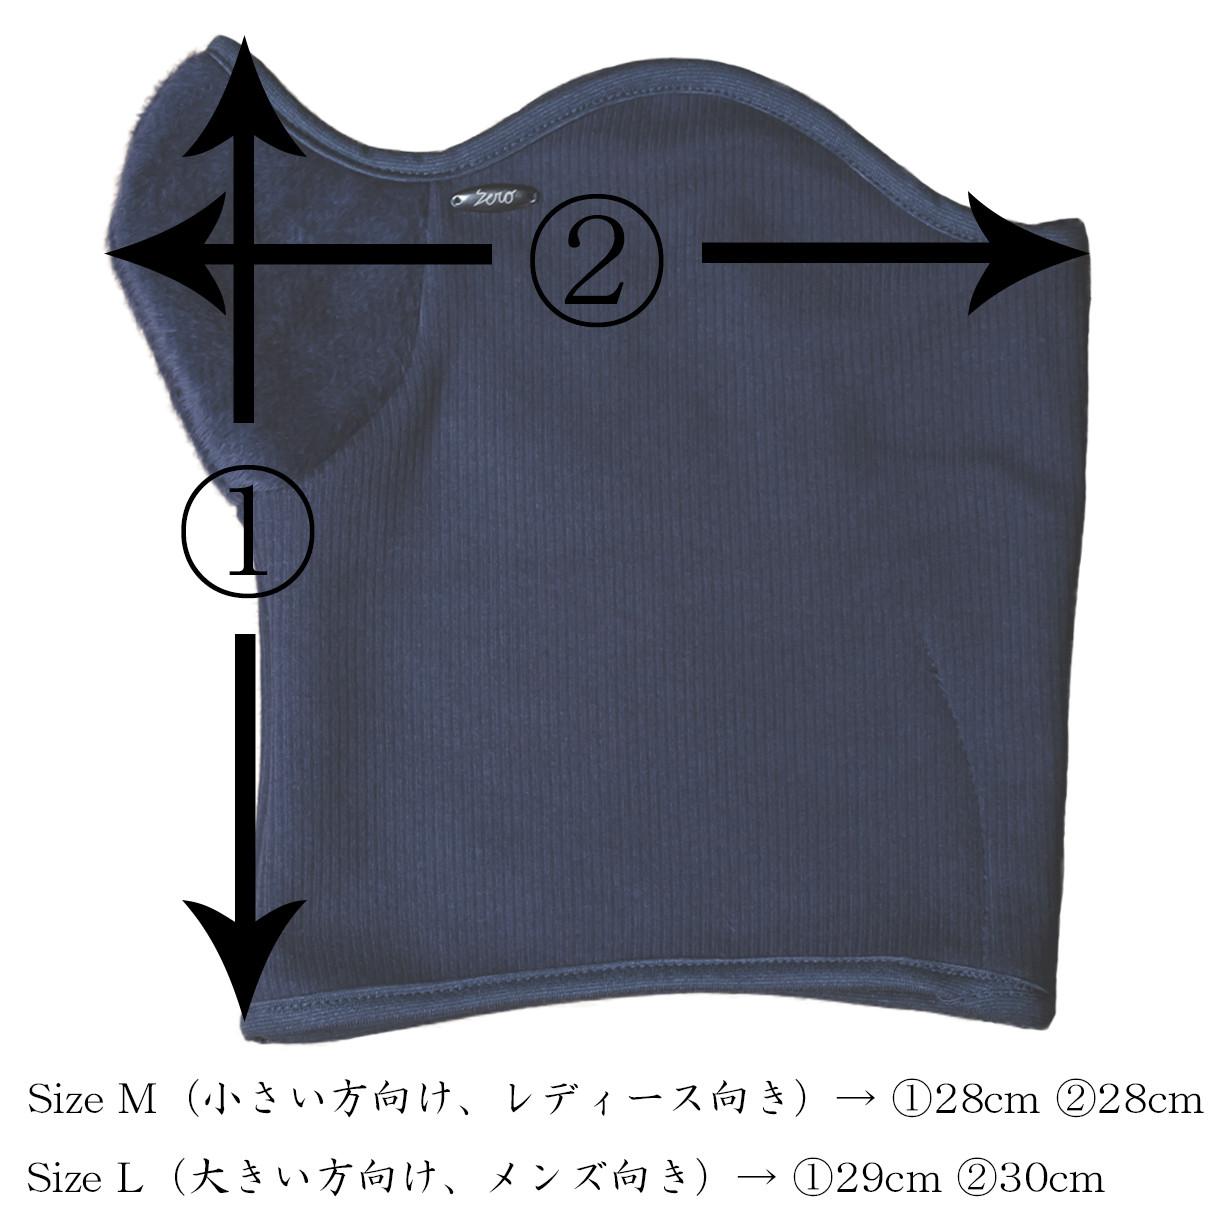 サーモライト和紙マスクネックウォーマー楽天画像用12.jpg